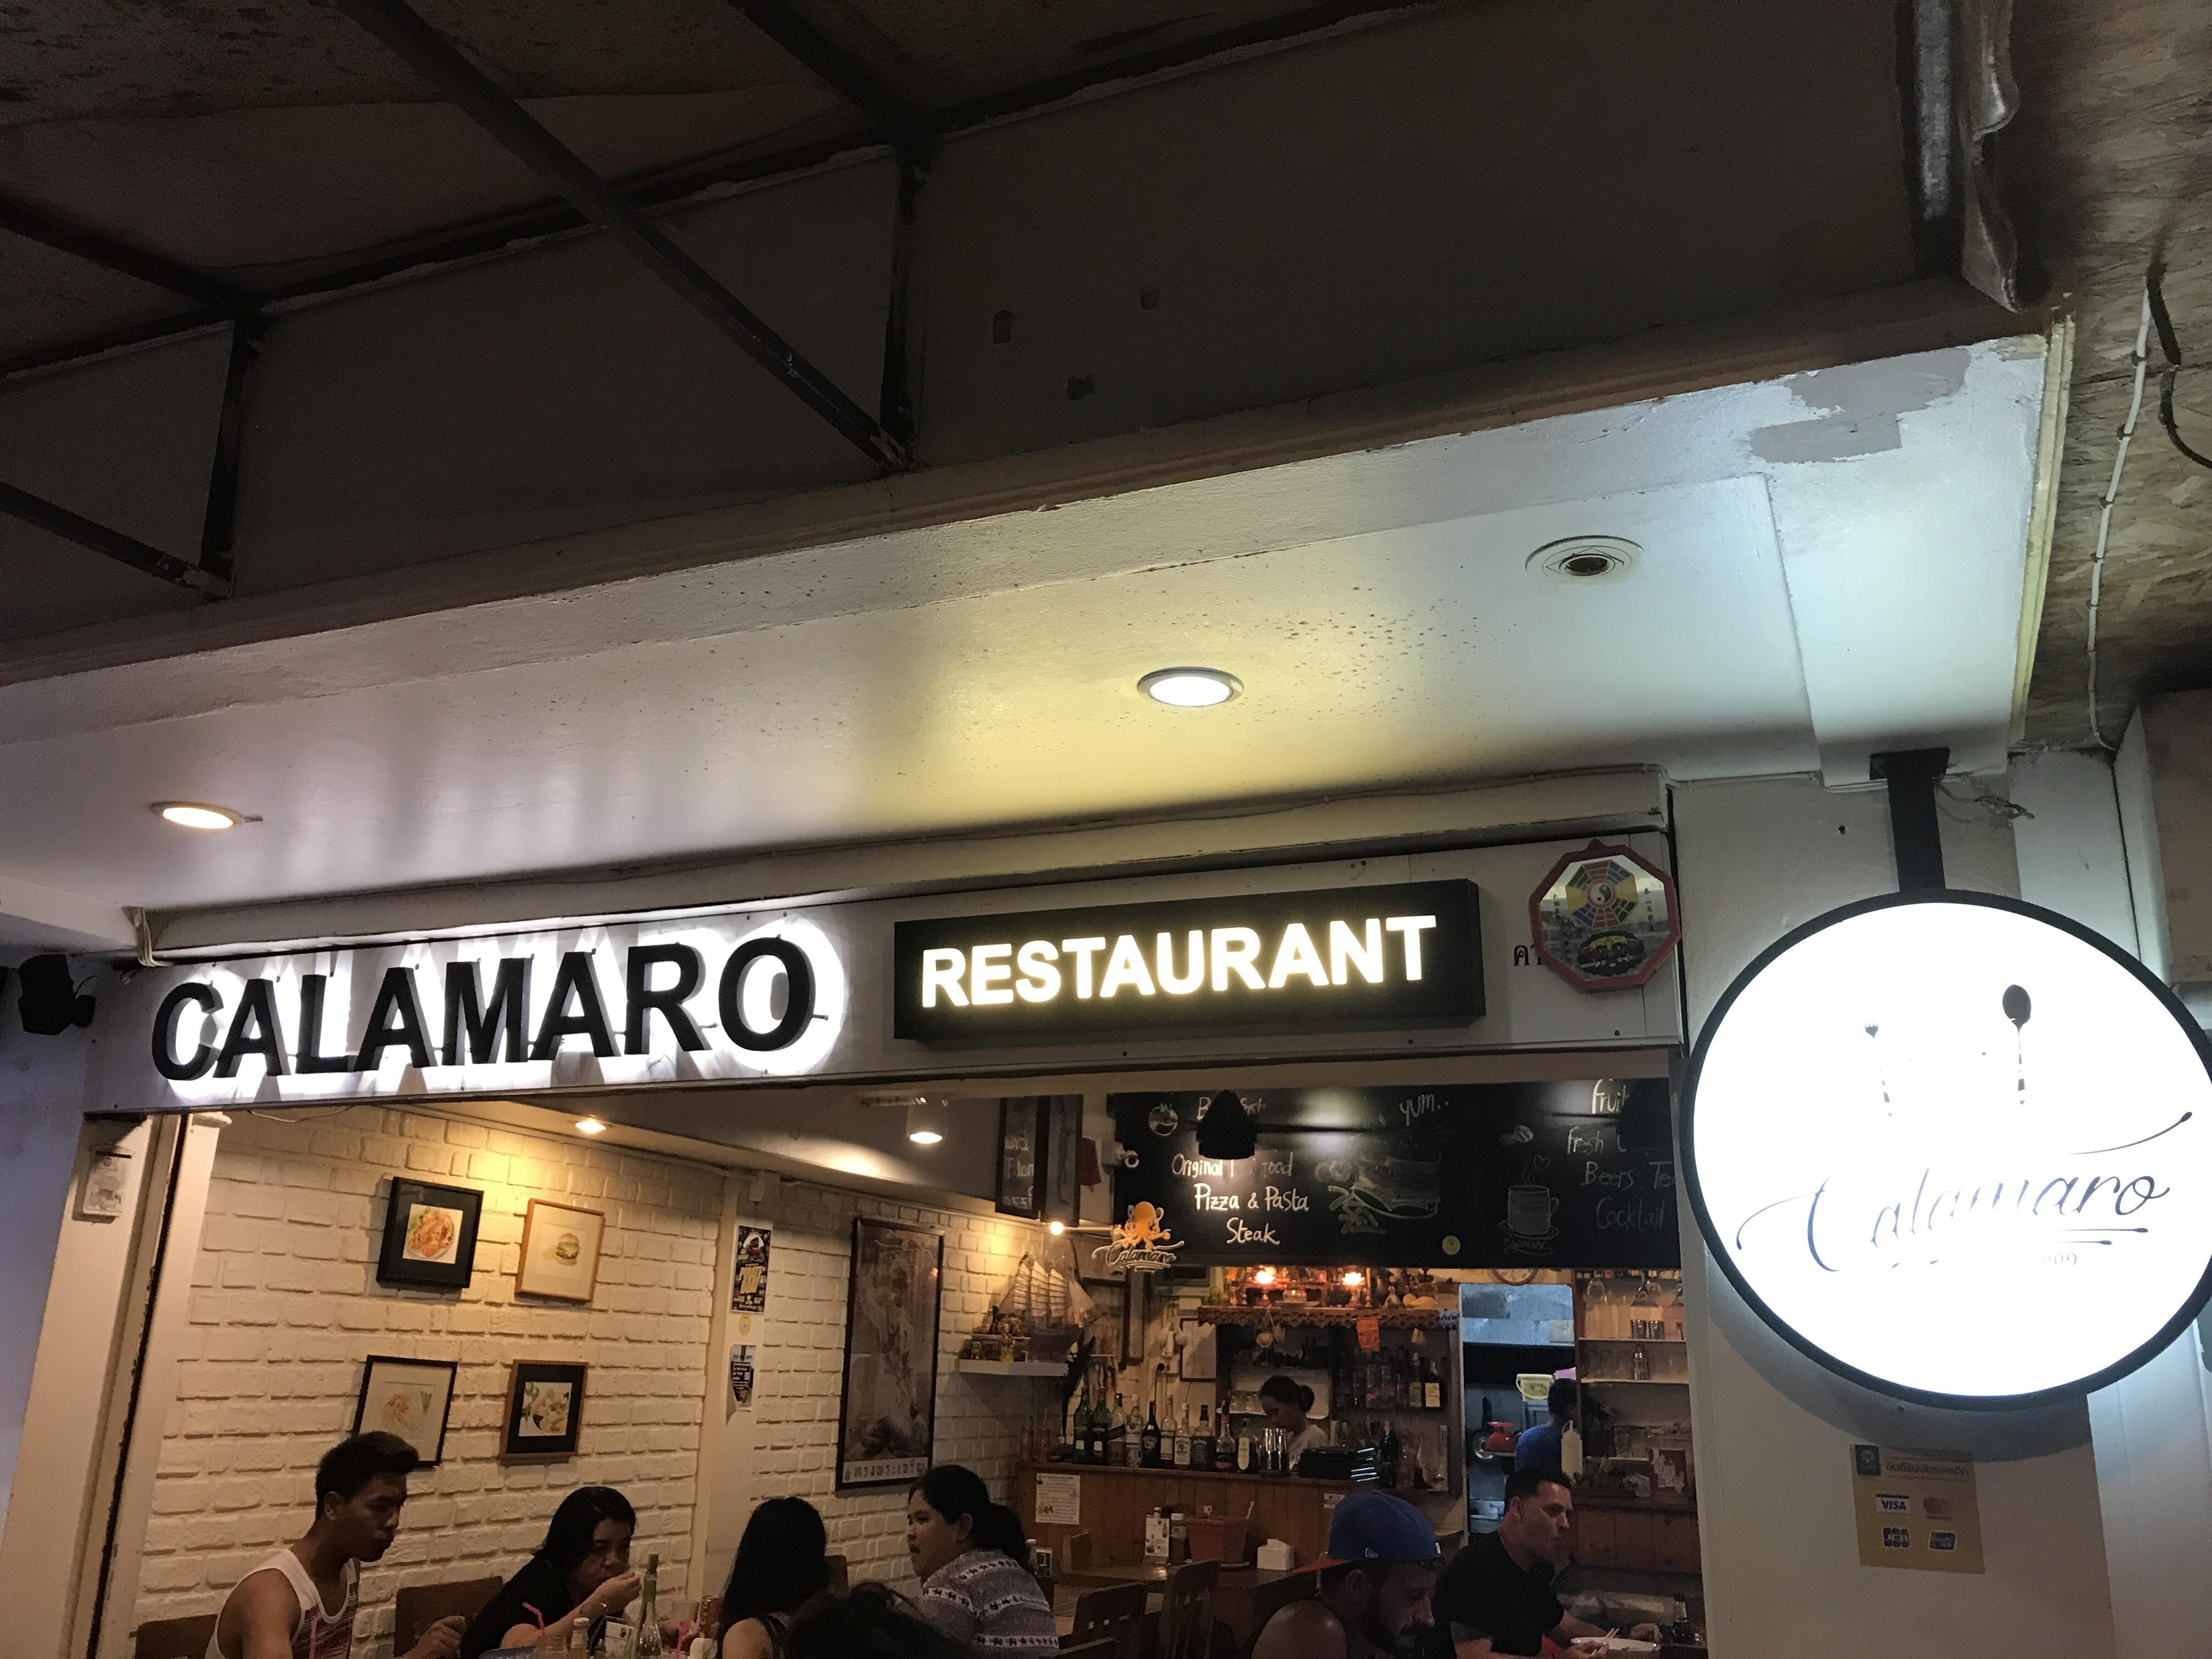 CALAMARO RESTAURANT